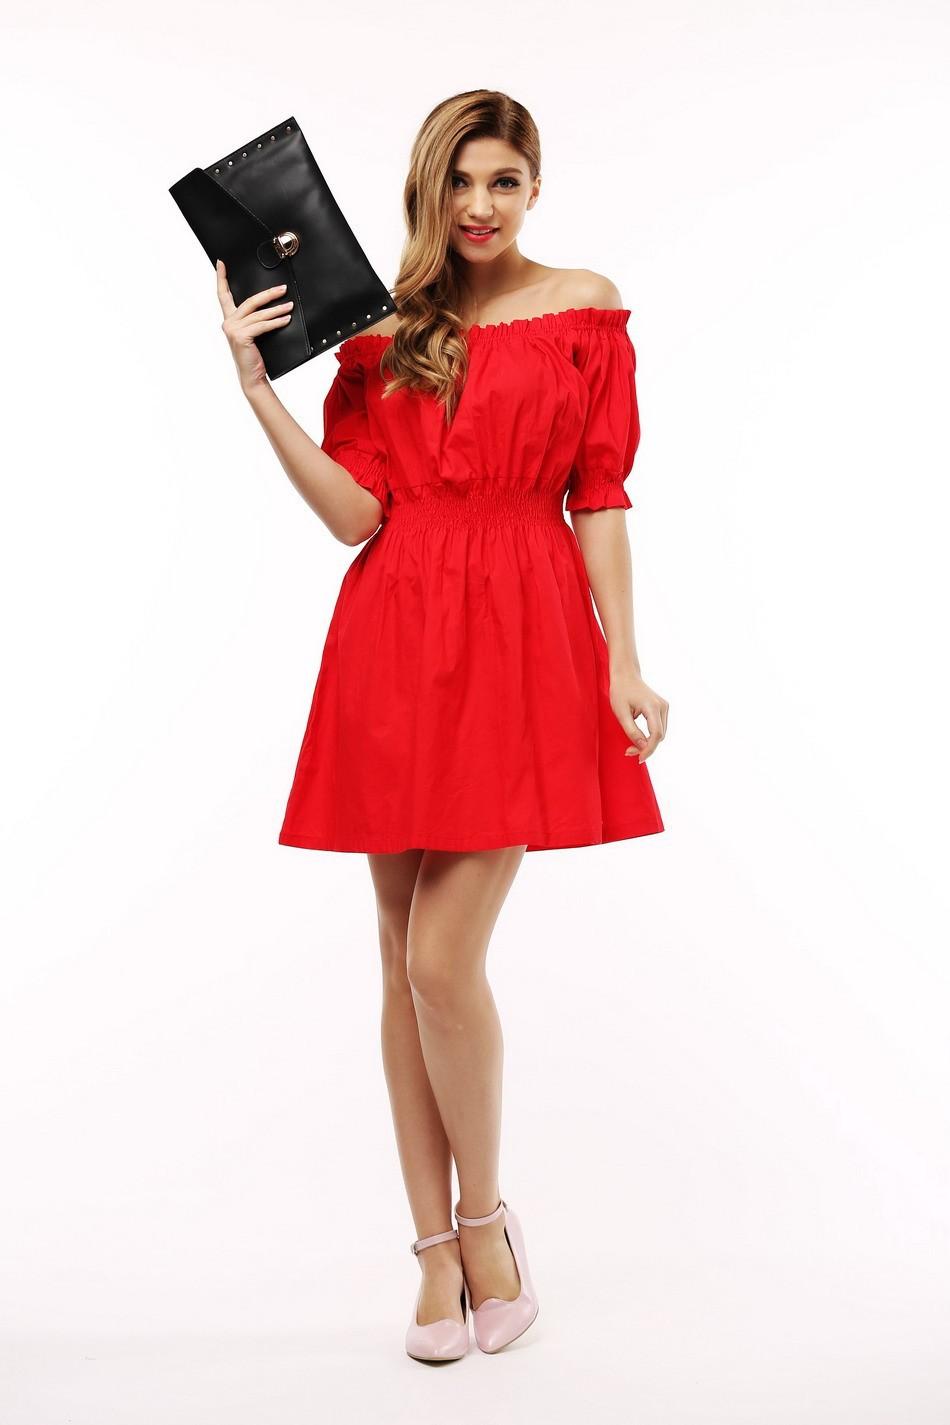 100% bawełna nowy 2017 jesień lato kobiety dress krótki rękaw casual sukienki plus size vestidos wc0380 4